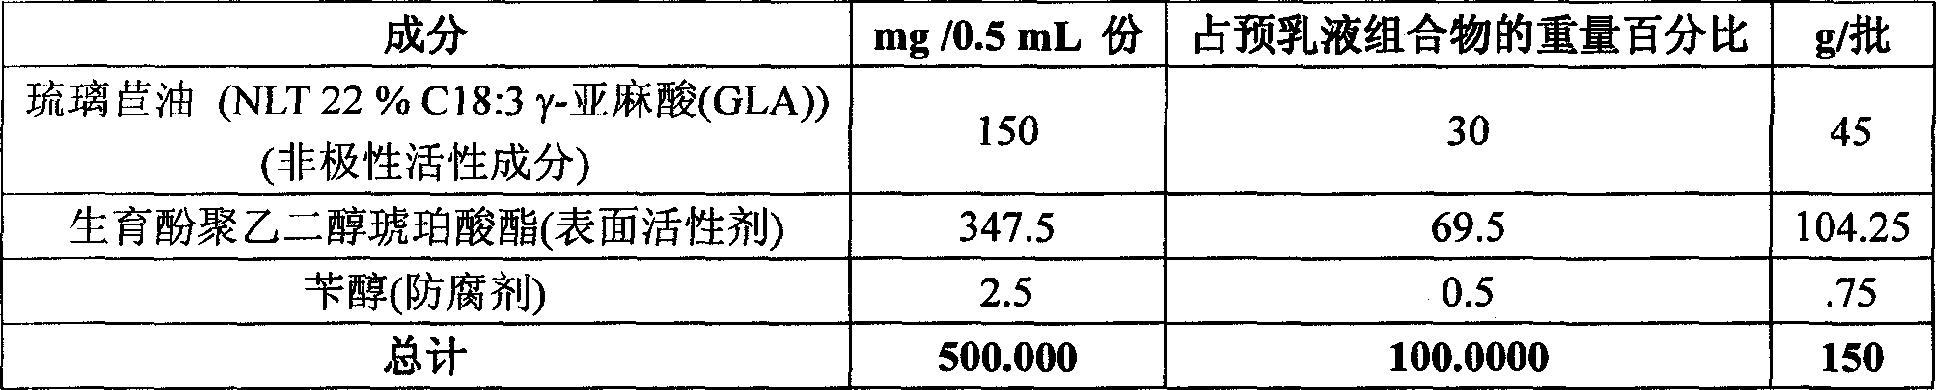 Figure CN102036661BD00871